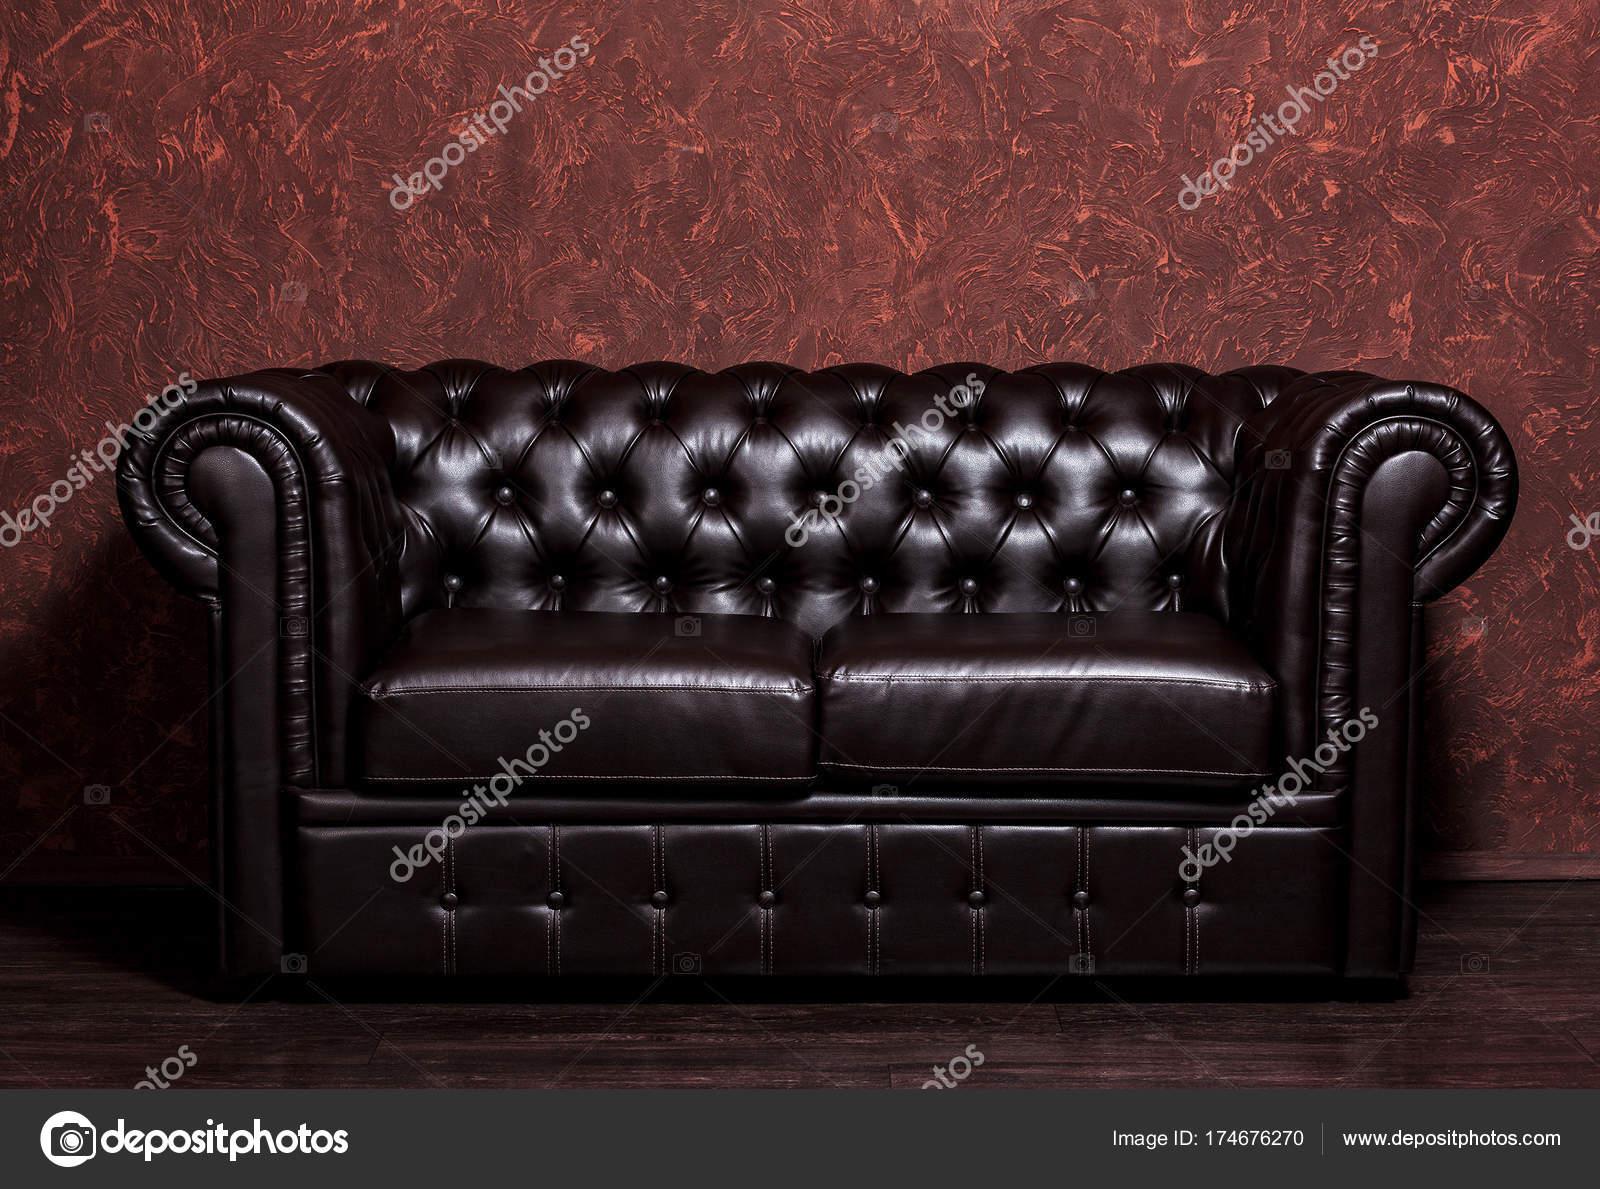 Favorit Vintage alte dunkle Braune Ledercouch mit Grunge braune Wand im LJ87